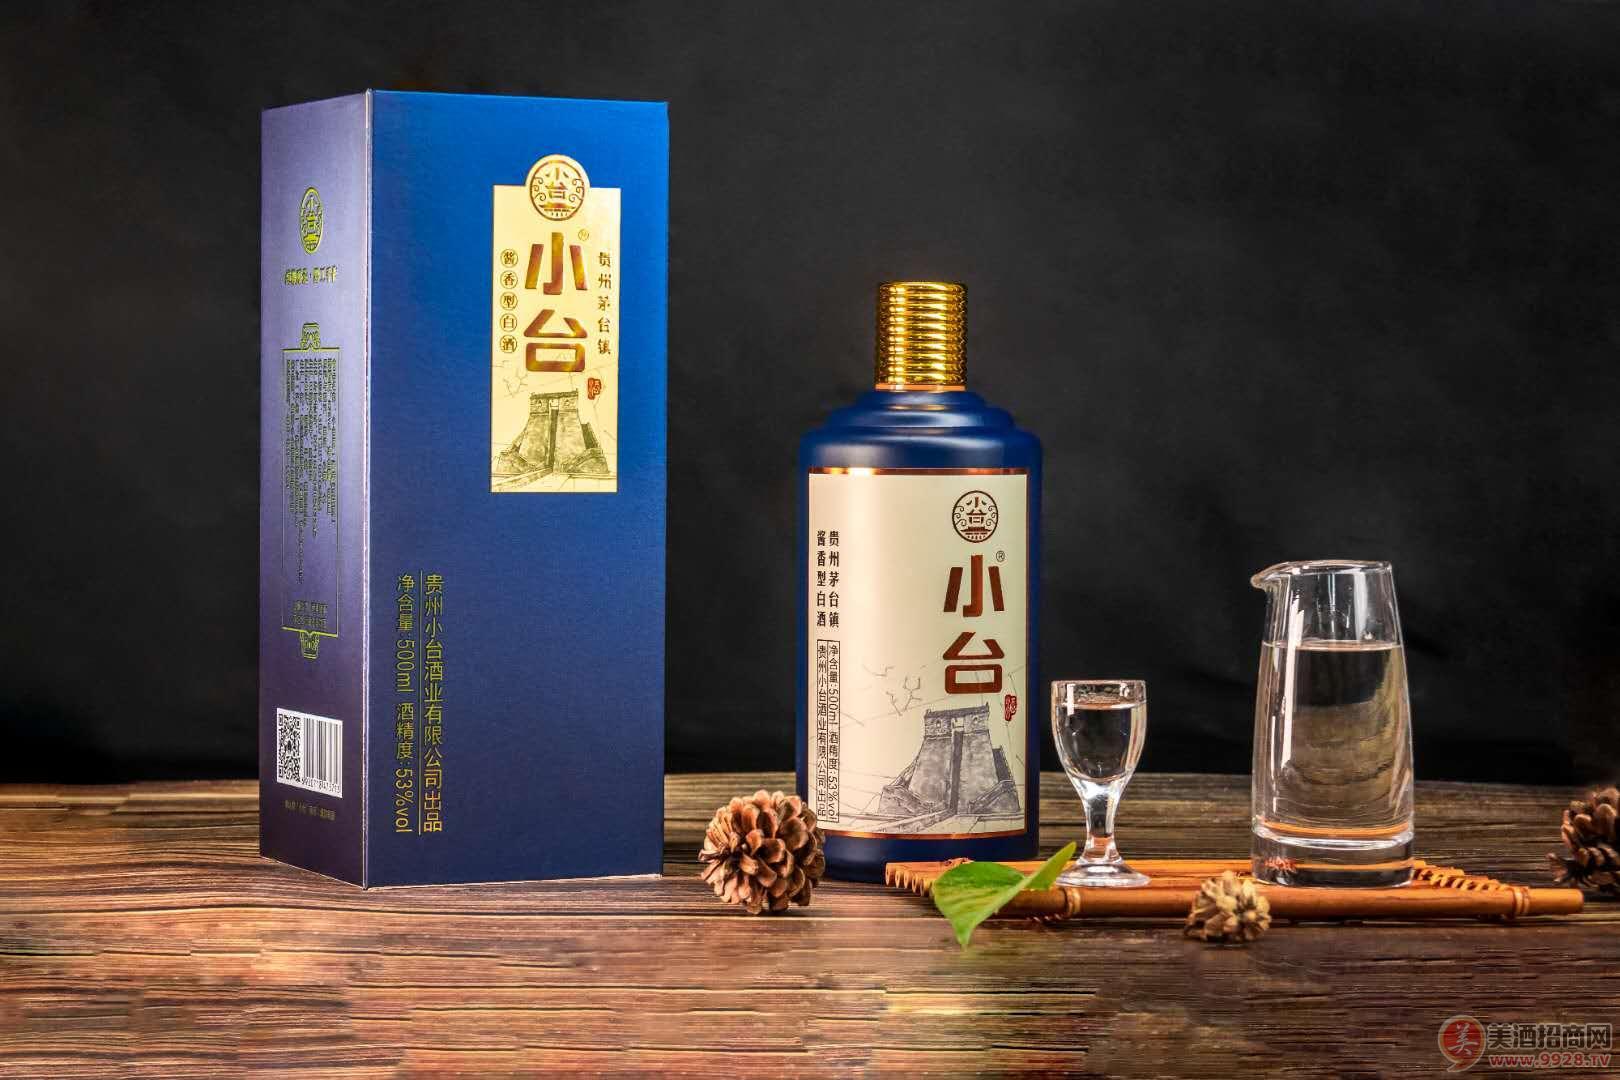 贵州小台酒业有限公司